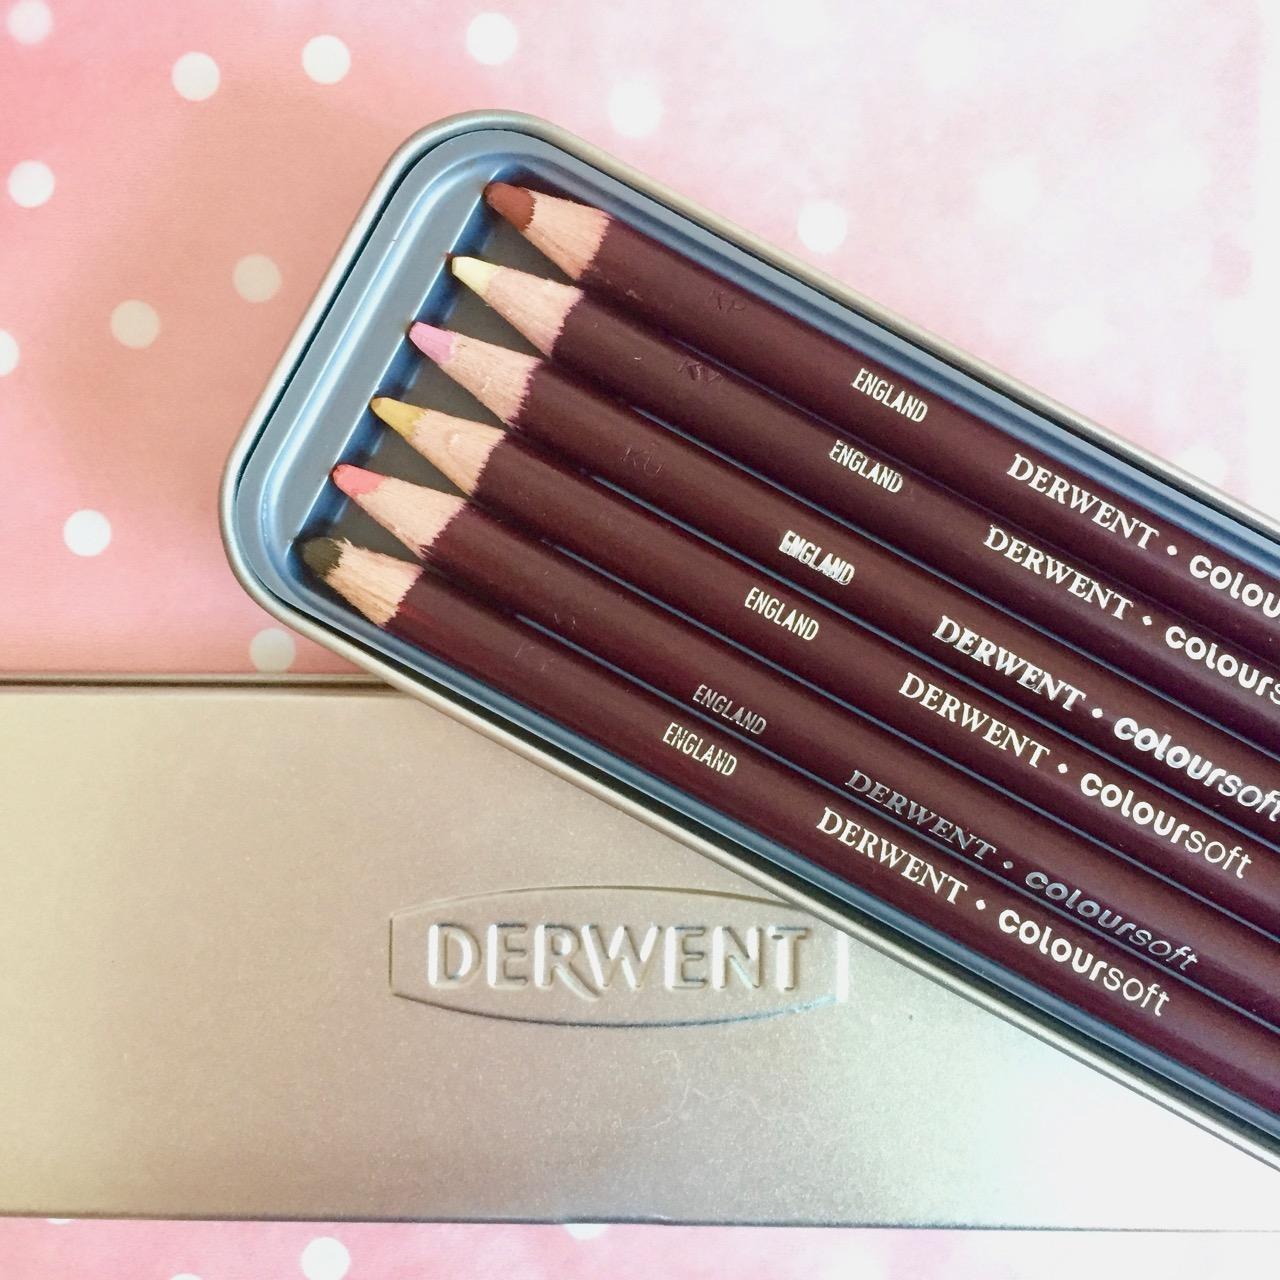 derwent colour soft pencils